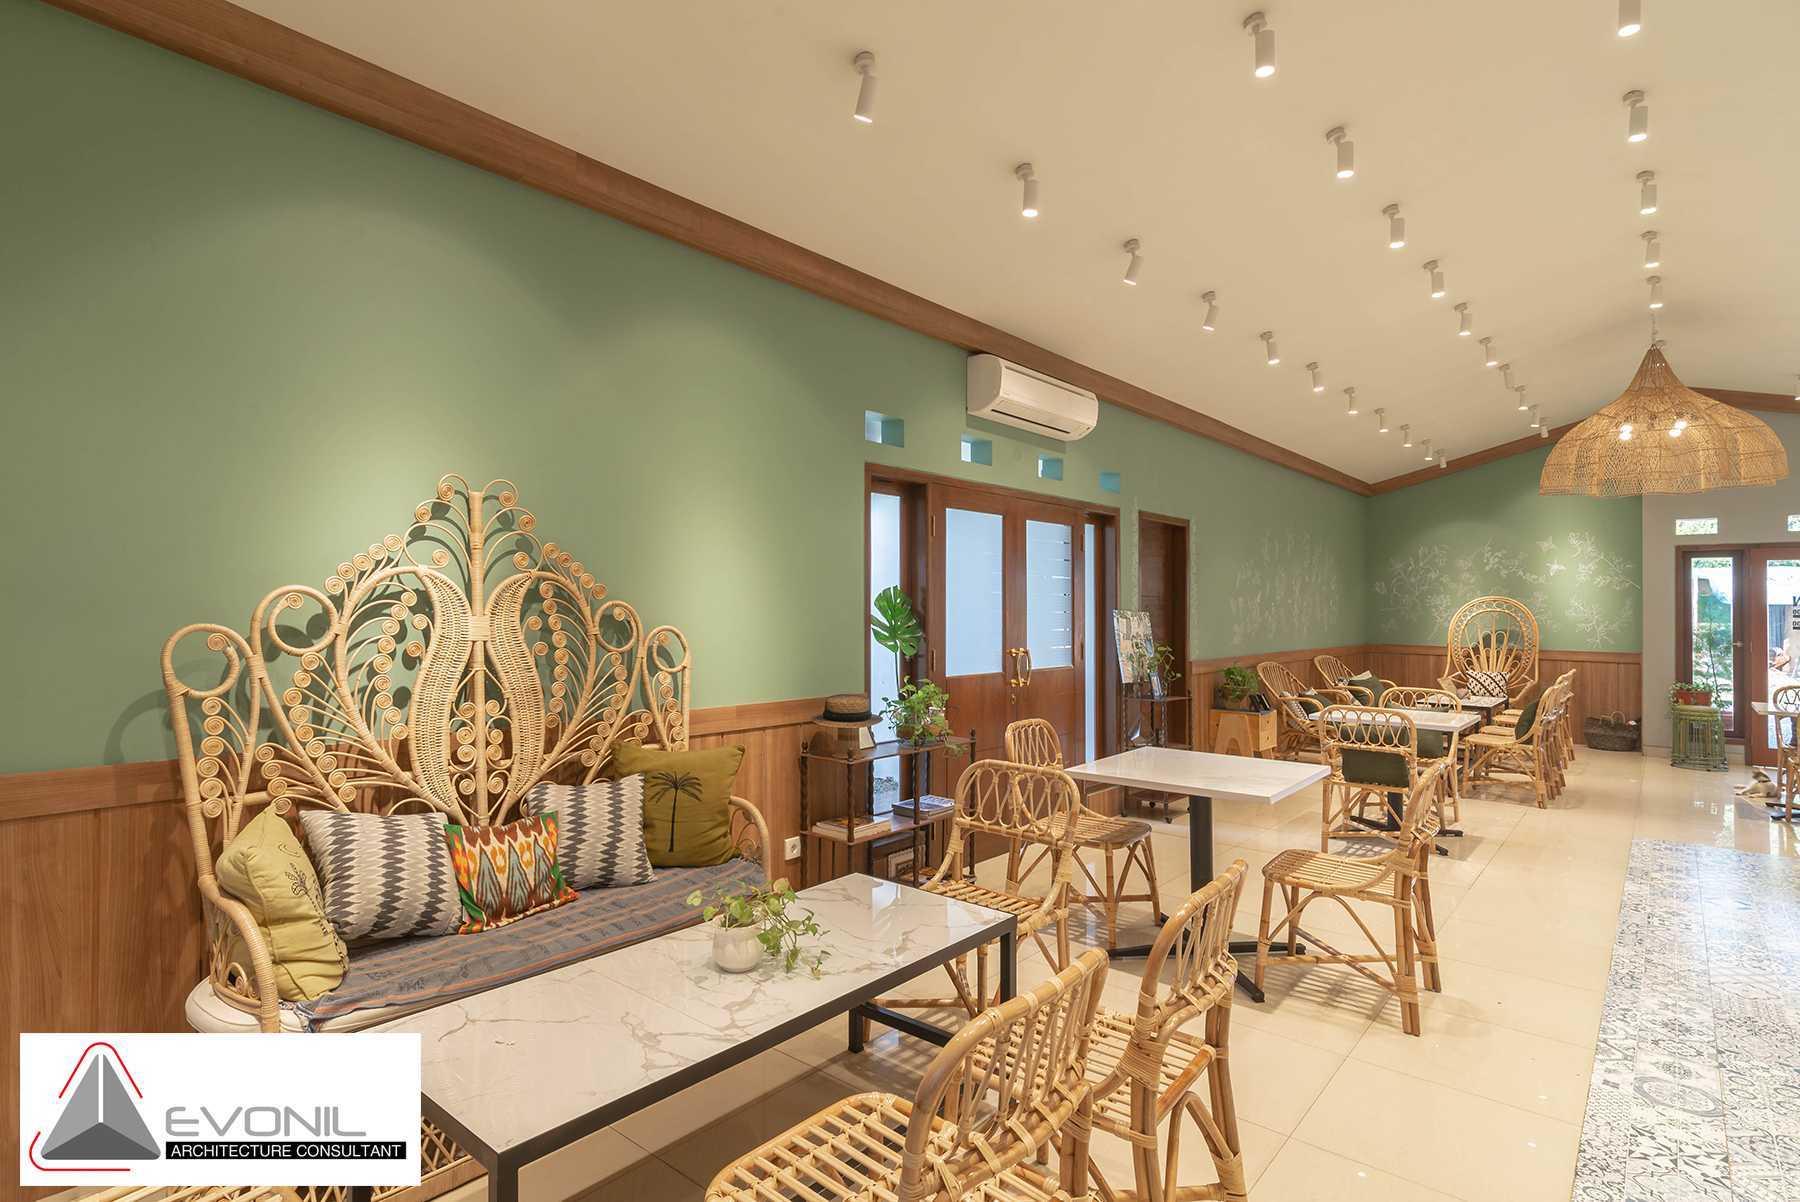 Evonil Architecture Nawa Kopi Coffeshop & Brunch - Bogor Bogor, Jawa Barat, Indonesia Bogor, Jawa Barat, Indonesia Evonil-Architecture-Nawa-Kopi-Coffeshop-Brunch-Bogor   60263